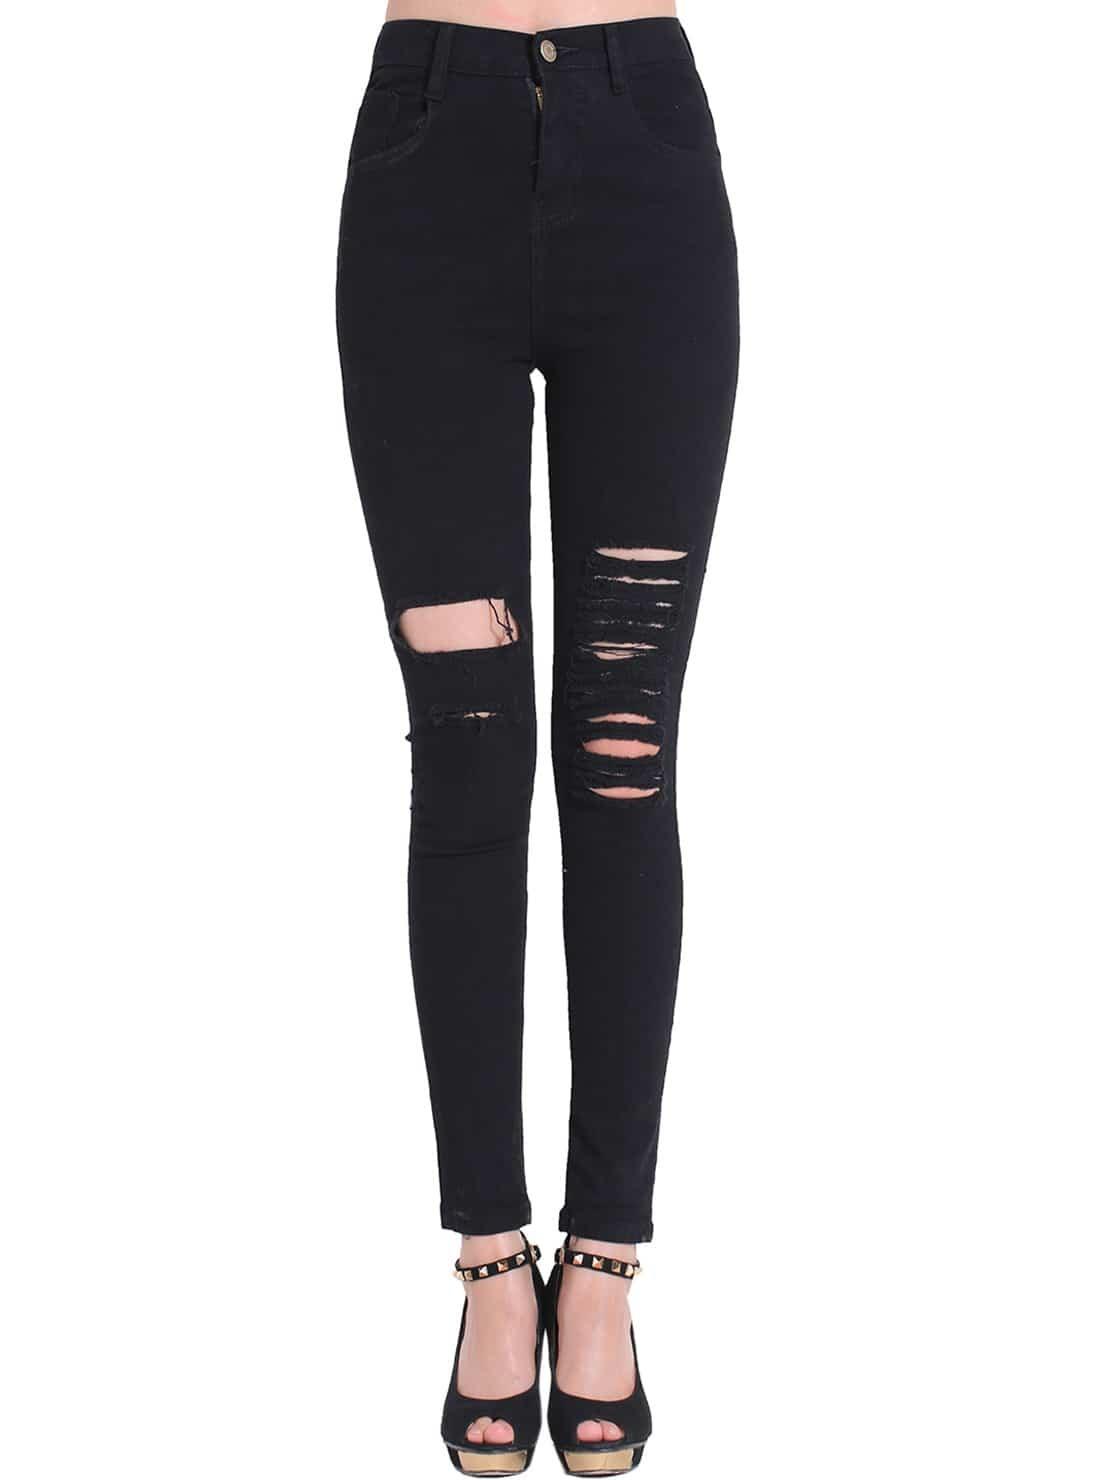 En Mujer de 10 te ayudamos a vestir a la moda, lo único que necesitas es ver estas formas de combinar tus pantalones negros para la oficina. En Mujer de 10 te ayudamos a vestir a la moda, lo único que necesitas es ver estas formas de combinar tus pantalones negros para la oficina.